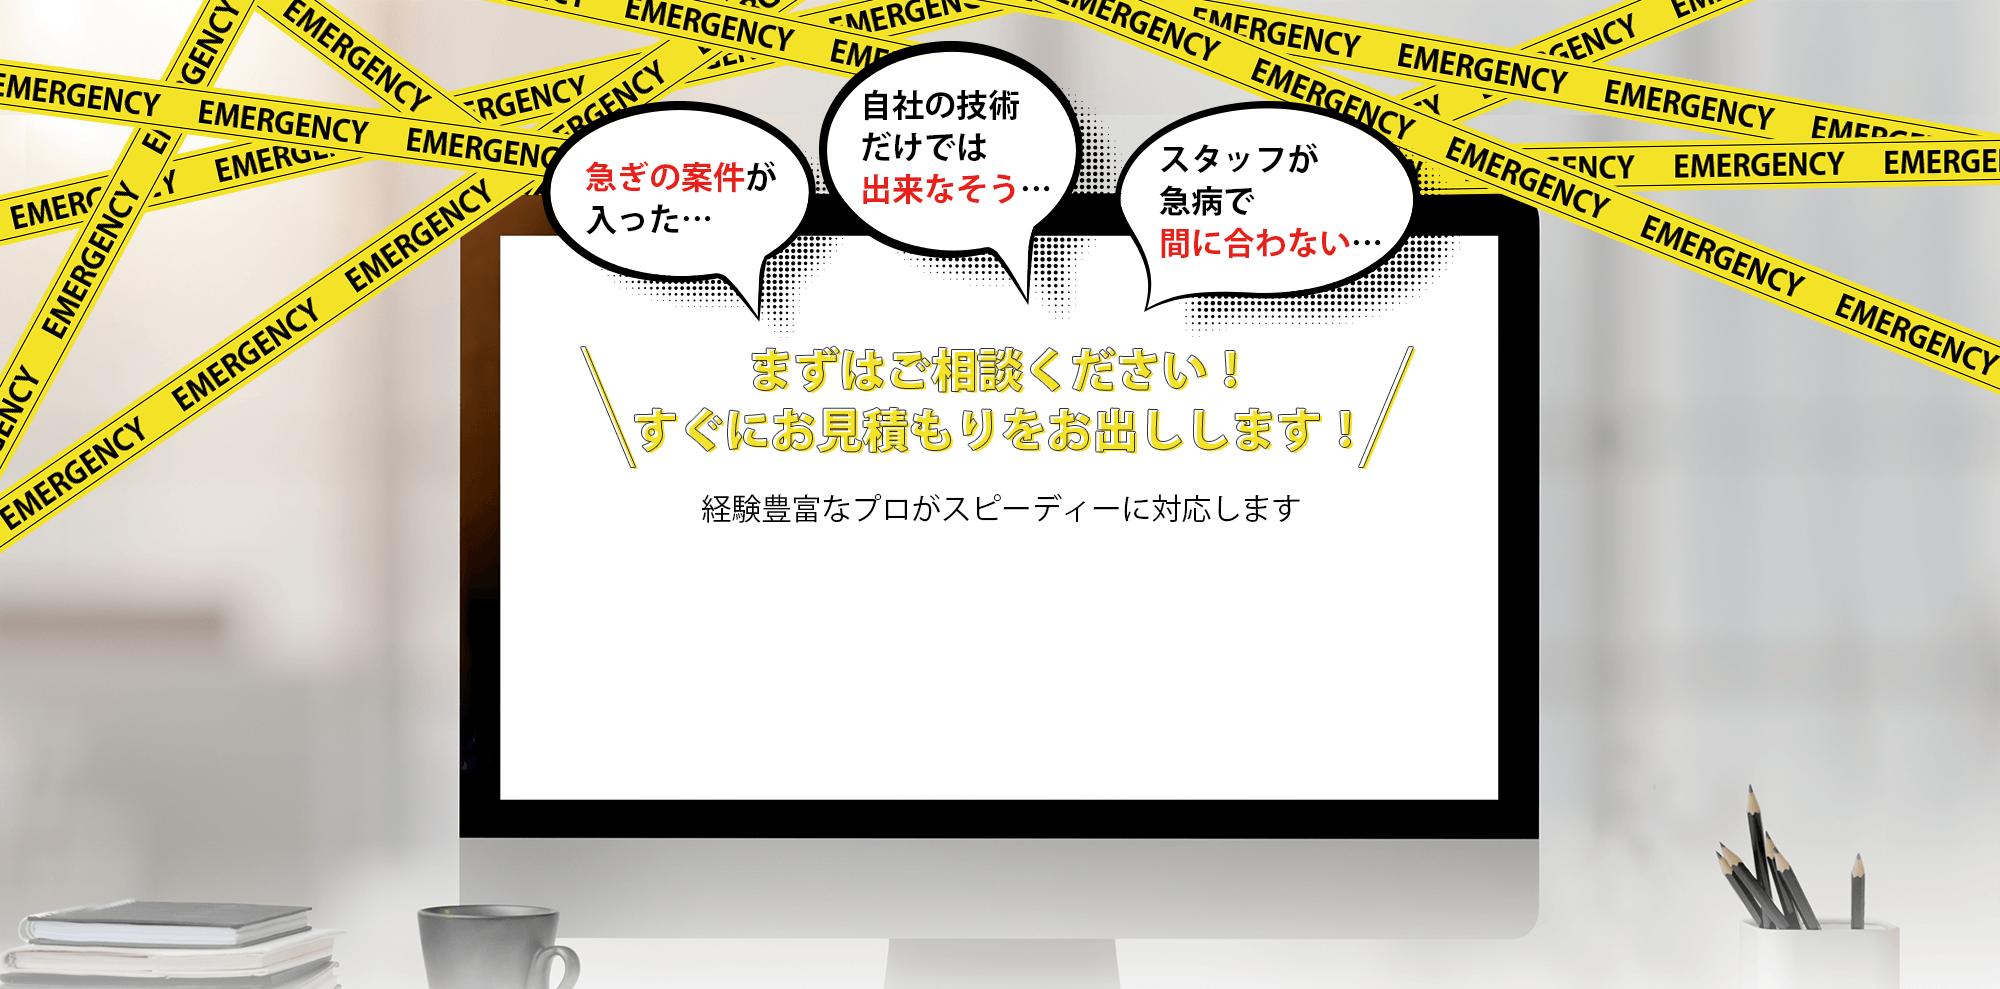 緊急案件対応 LP制作 HP制作 WEB制作 渋谷 メールお問い合わせ